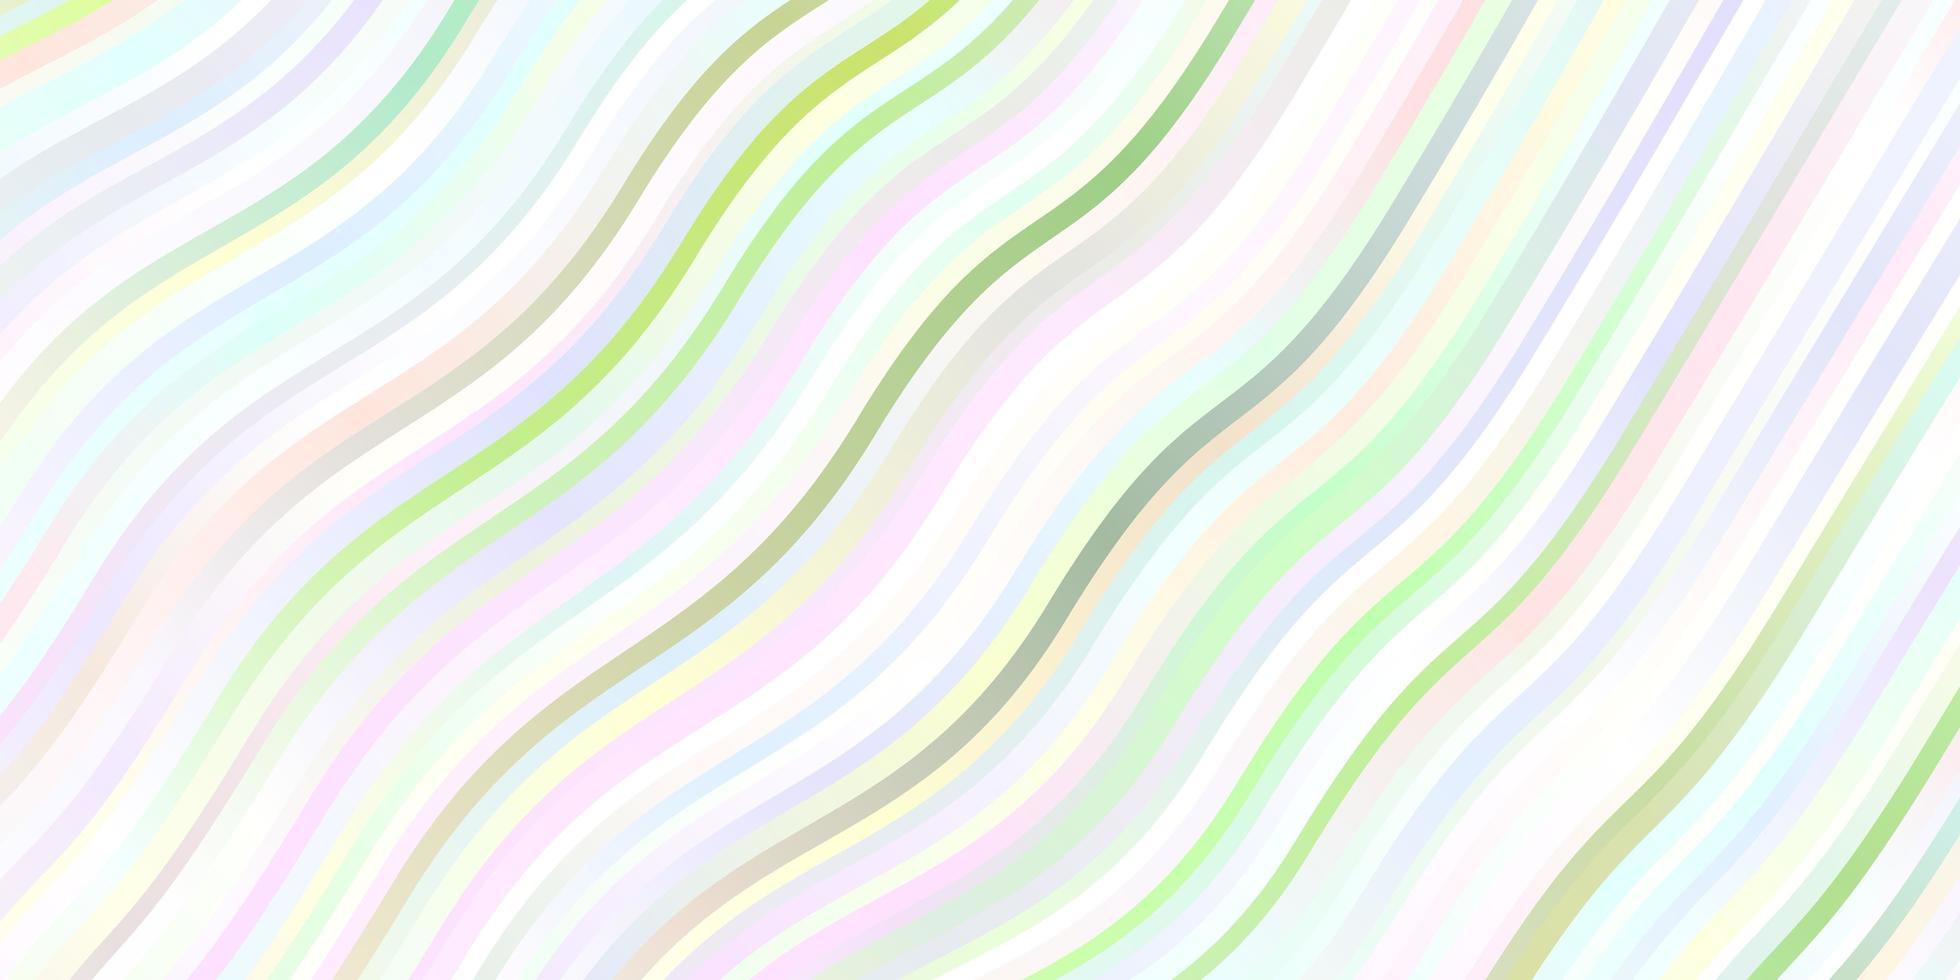 hellgrünes Layout mit schiefen Linien. vektor